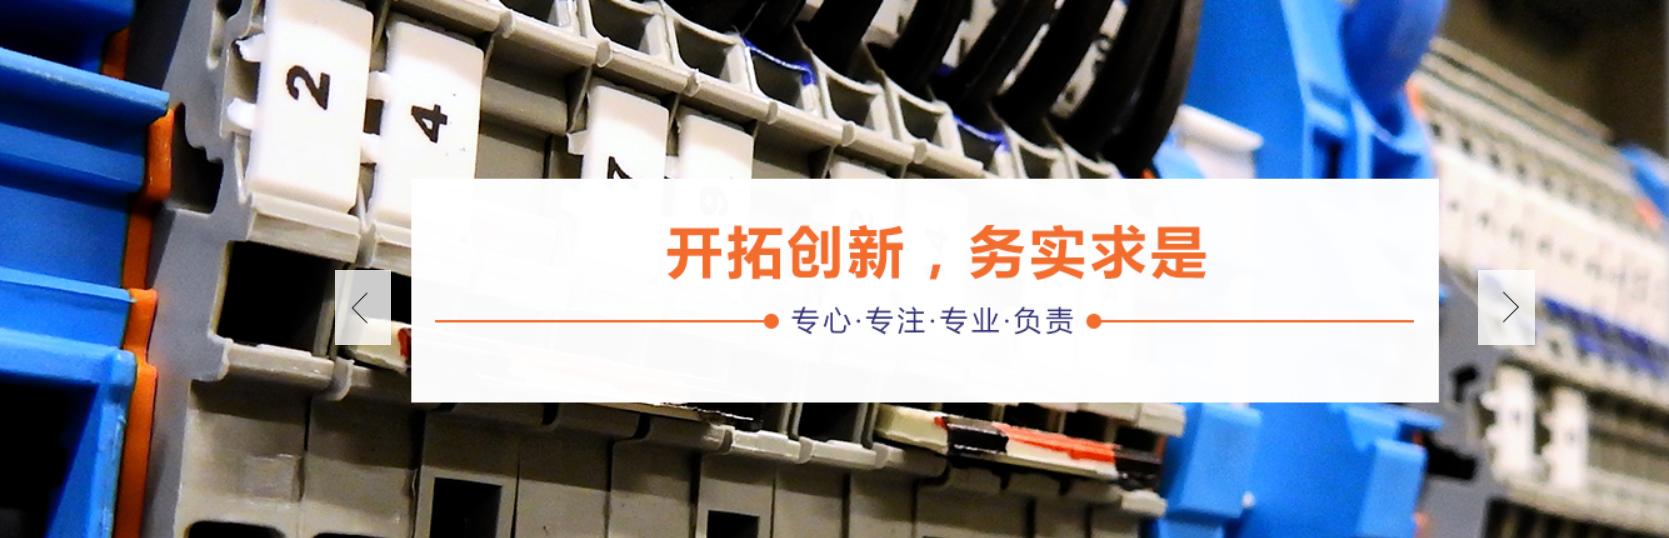 上海奋益流体设备工程技术有限公司